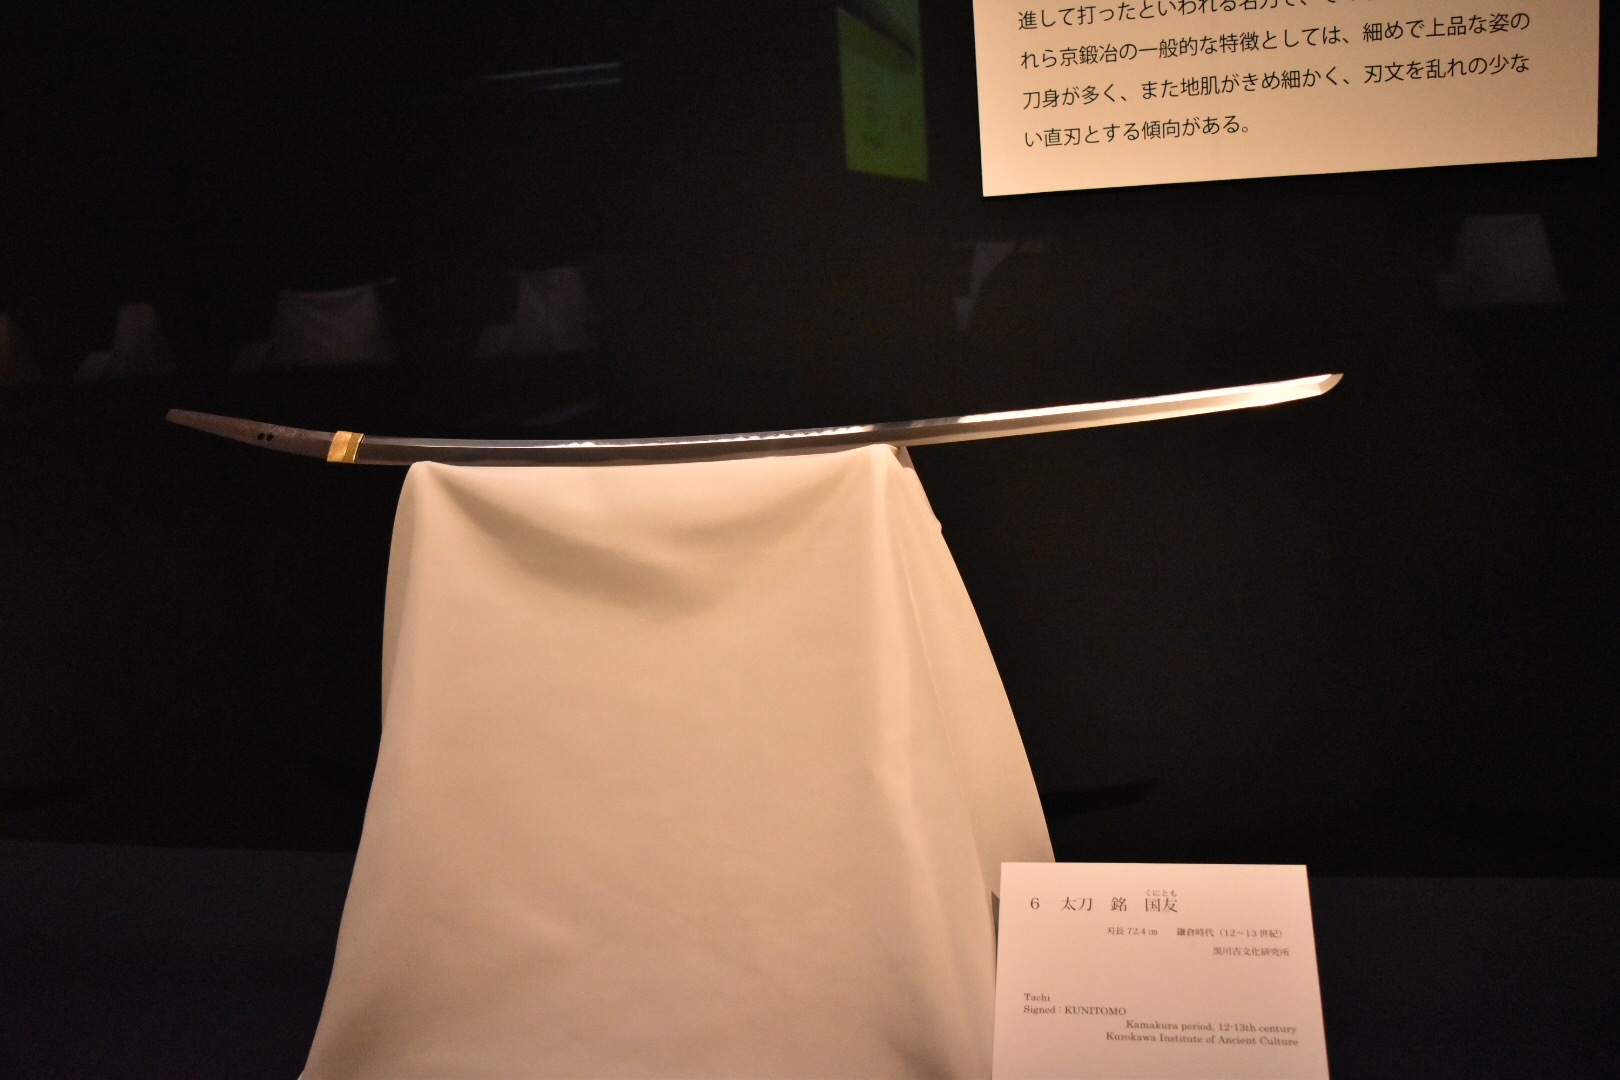 太刀 銘 国友 鎌倉時代 黒川古文化研究所